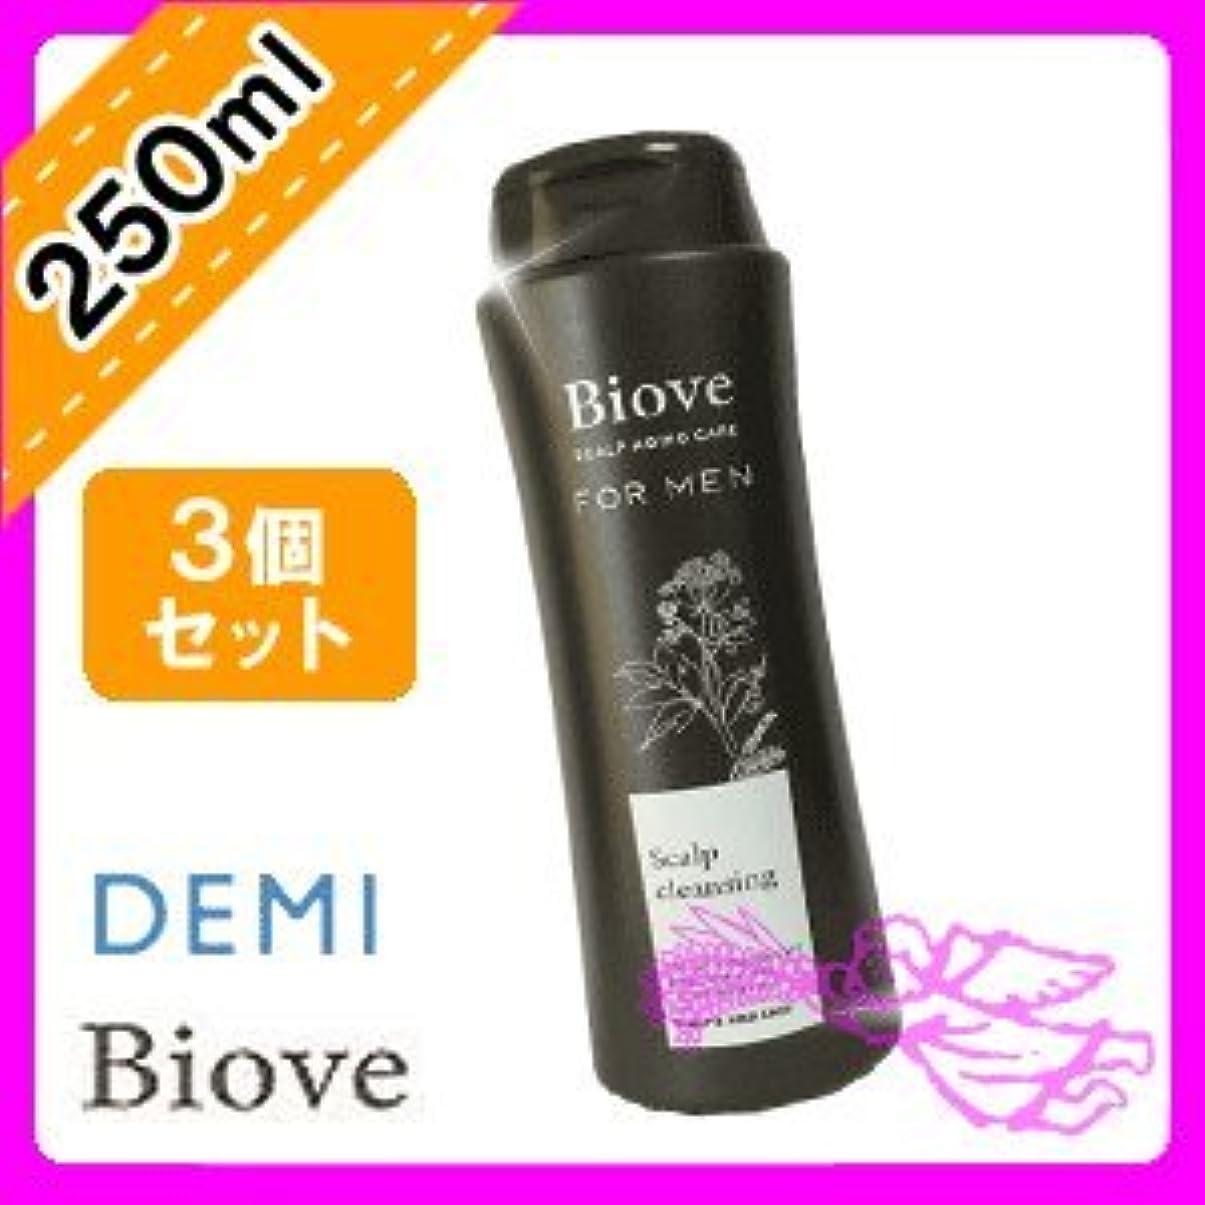 化合物回想より多いデミ ビオーブ フォーメン スキャルプ クレンジング 250ml ×3個セット DEMI BIOVE FOR MEN 男性用ヘアケア メンズヘアケア メンズケア